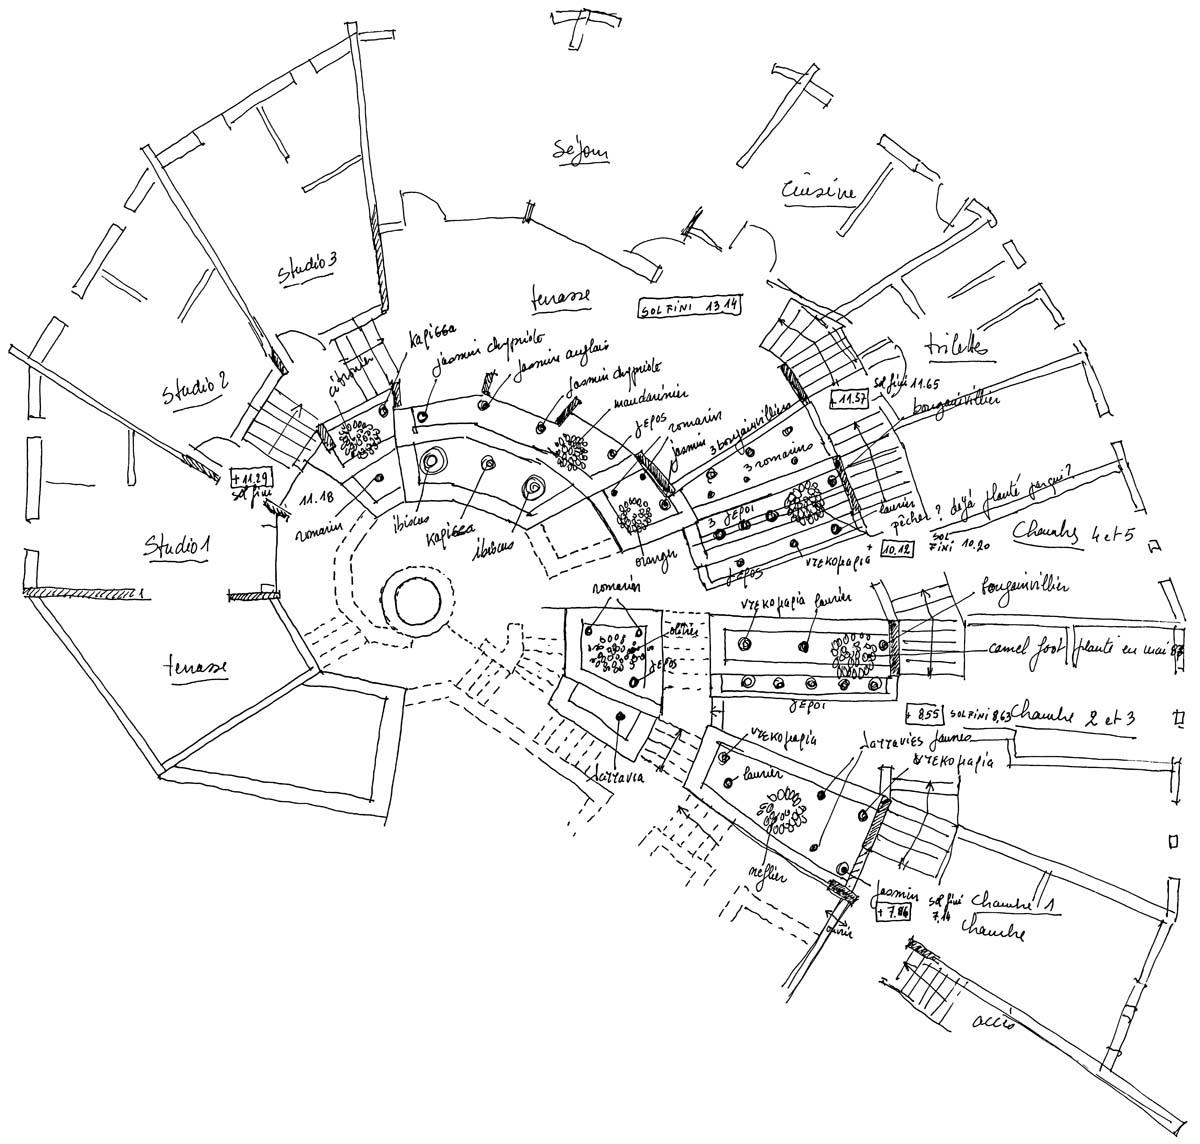 La maison de fouille, croquis (M. Schmid / Archives EFA, 16893)